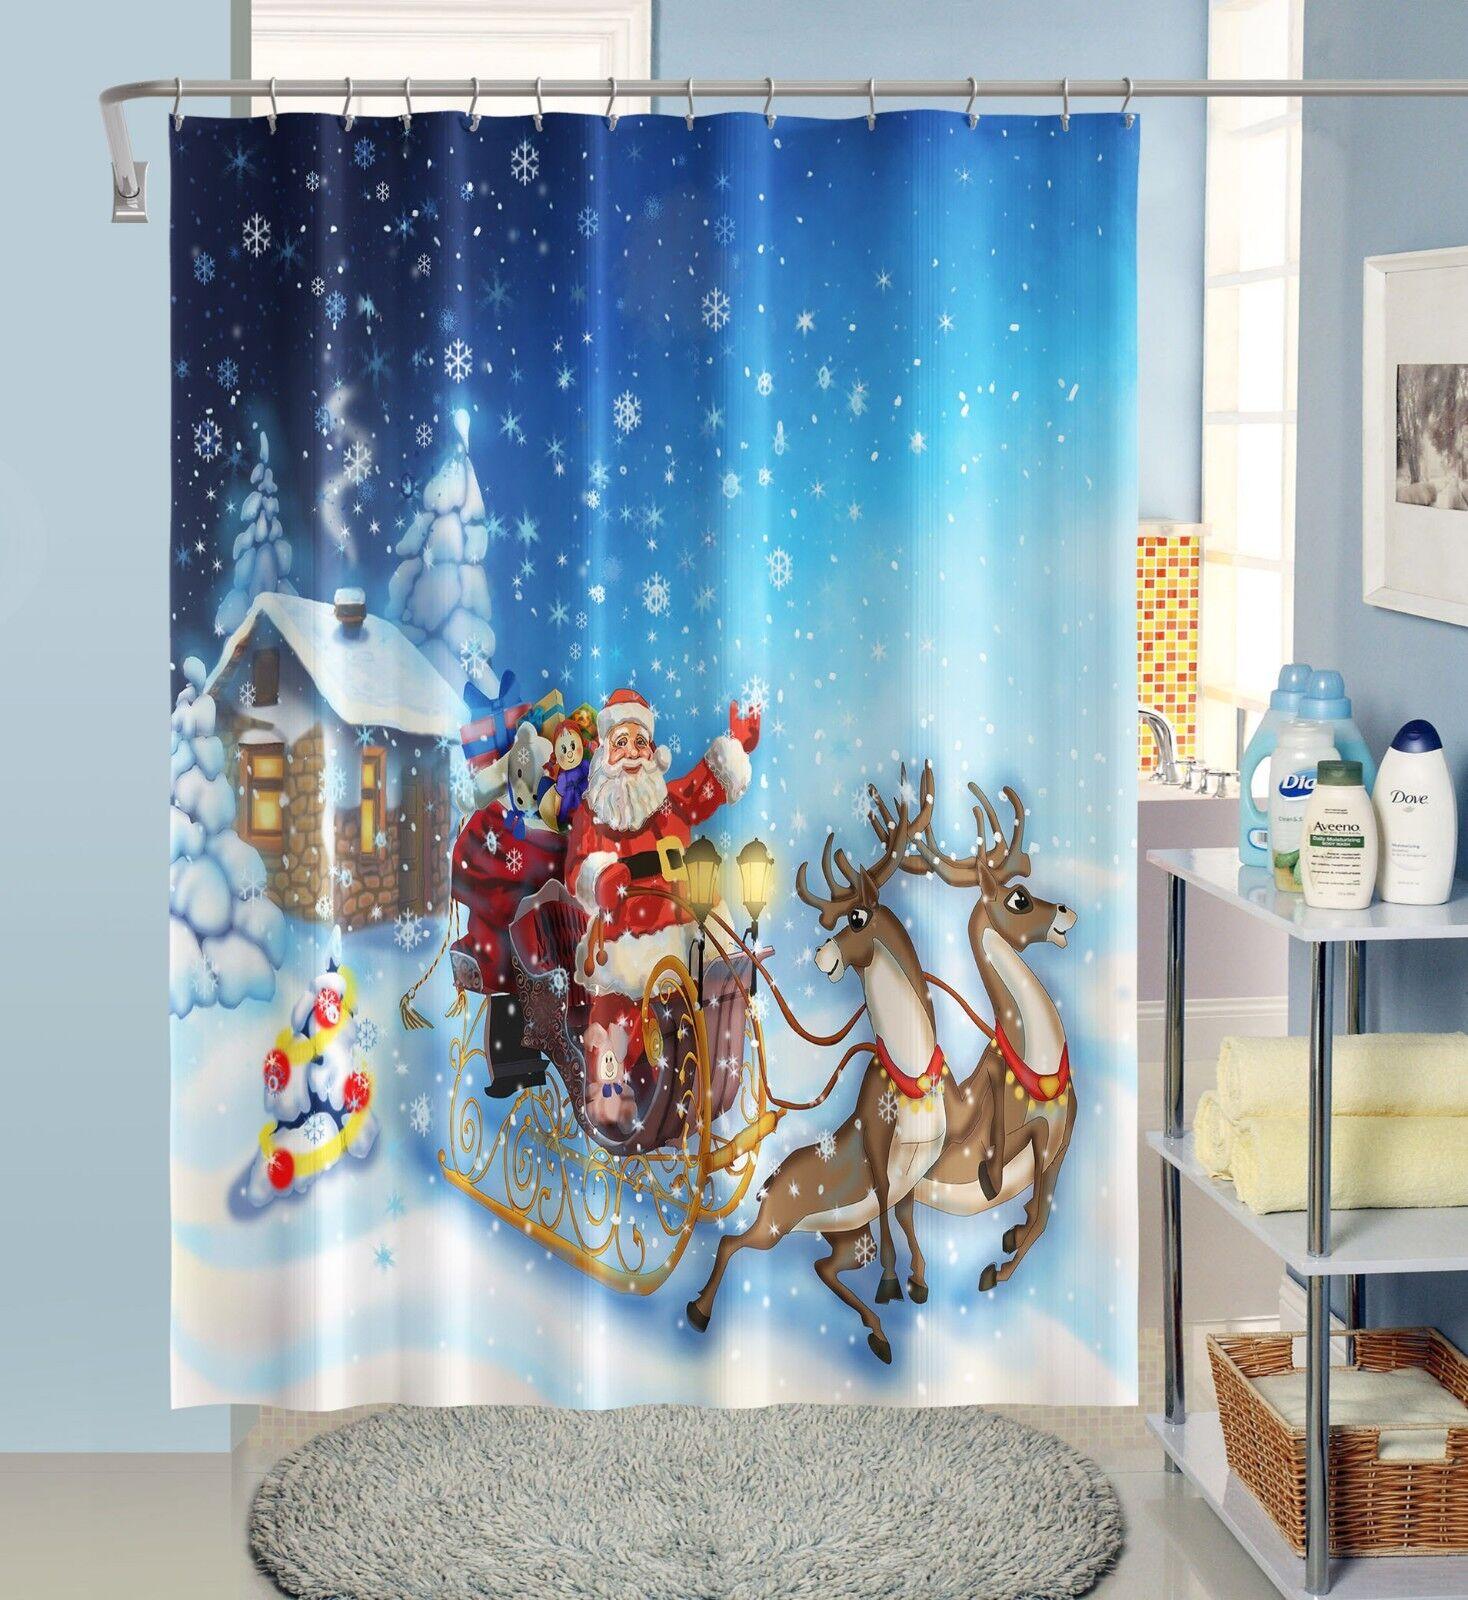 3d Weihnachtsmann 90 Duschvorhang Wasserdicht Faser Bad Daheim Windows Toilette Home & Garden